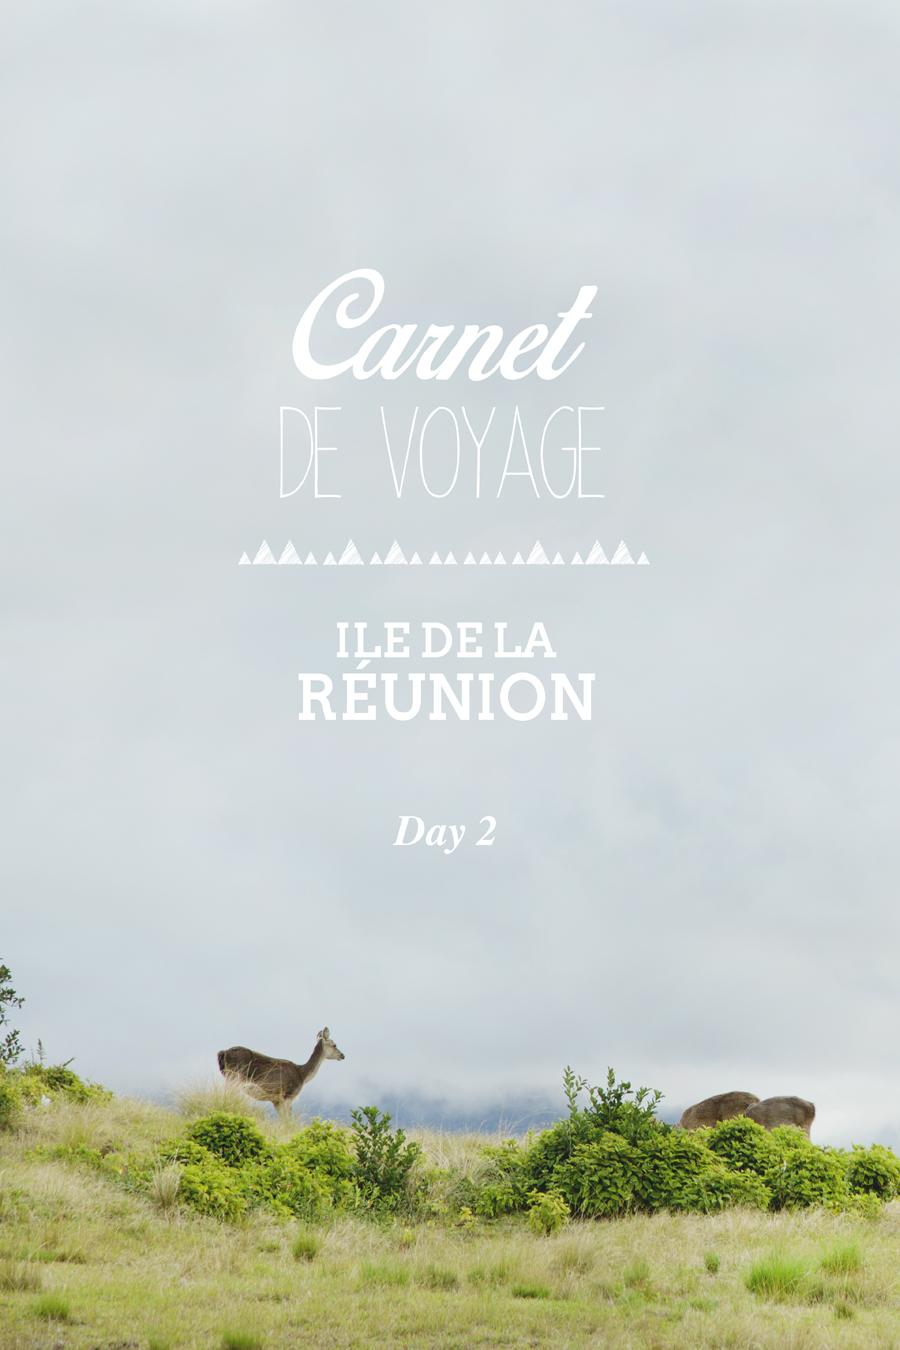 carnet_de_voyage_ile_de_la_reunion_day2